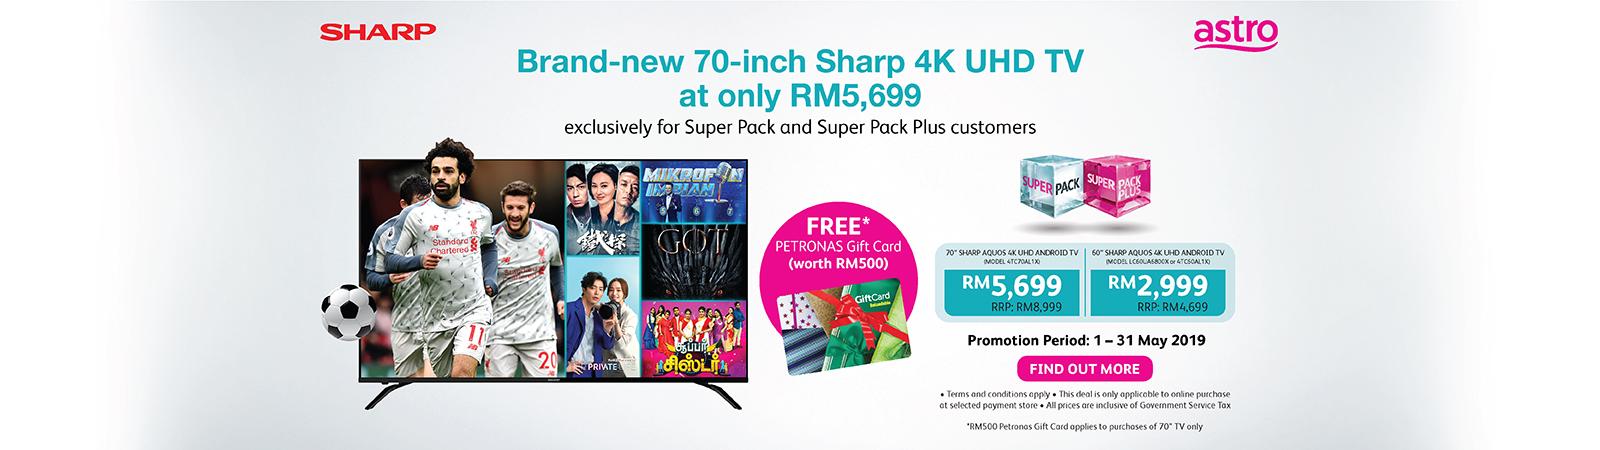 Astro-SHARP 4K UHD TV Deal